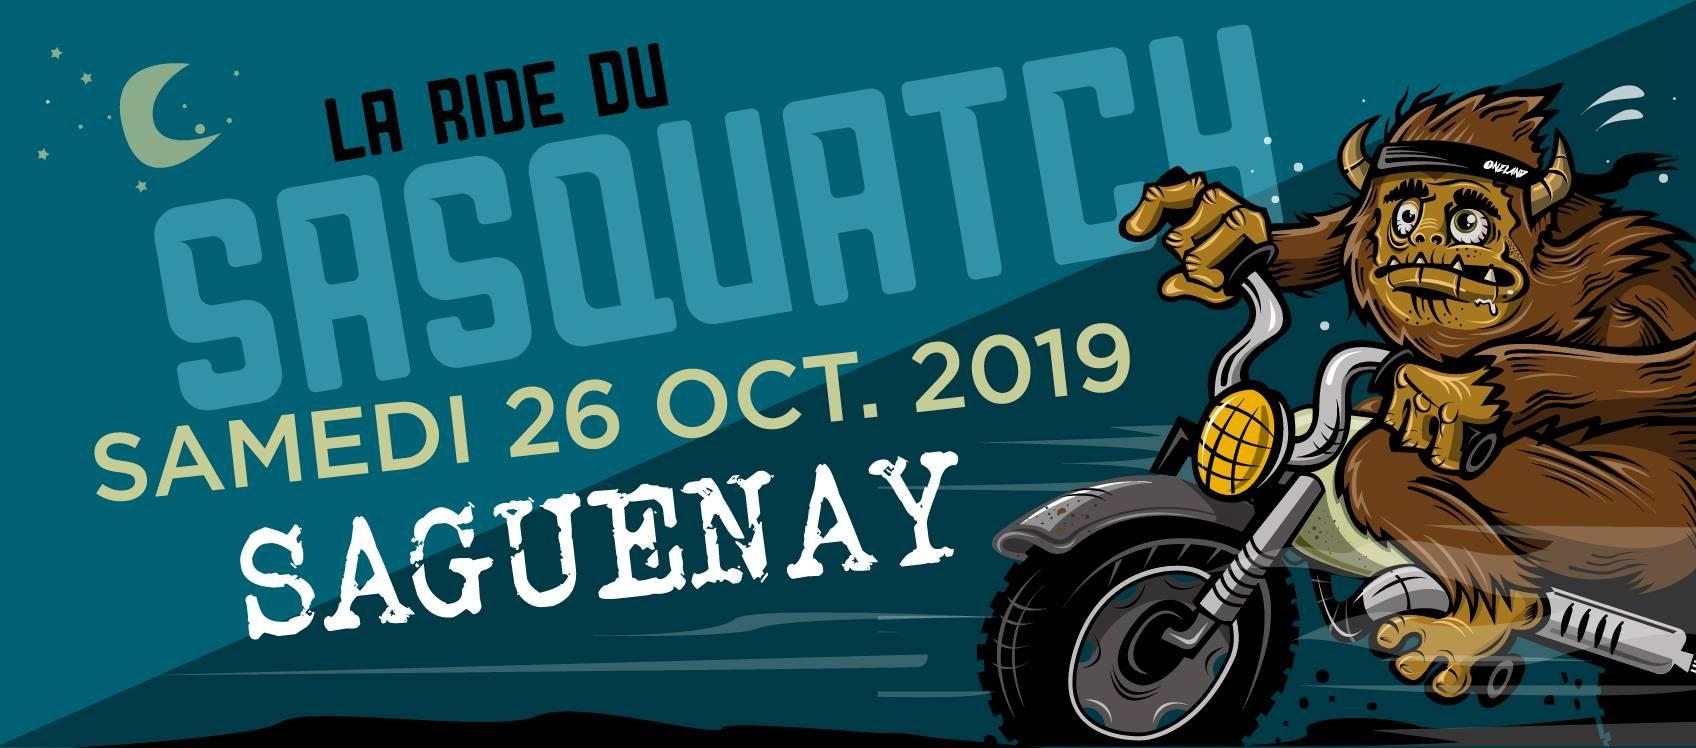 2019 sasquatch saguenay